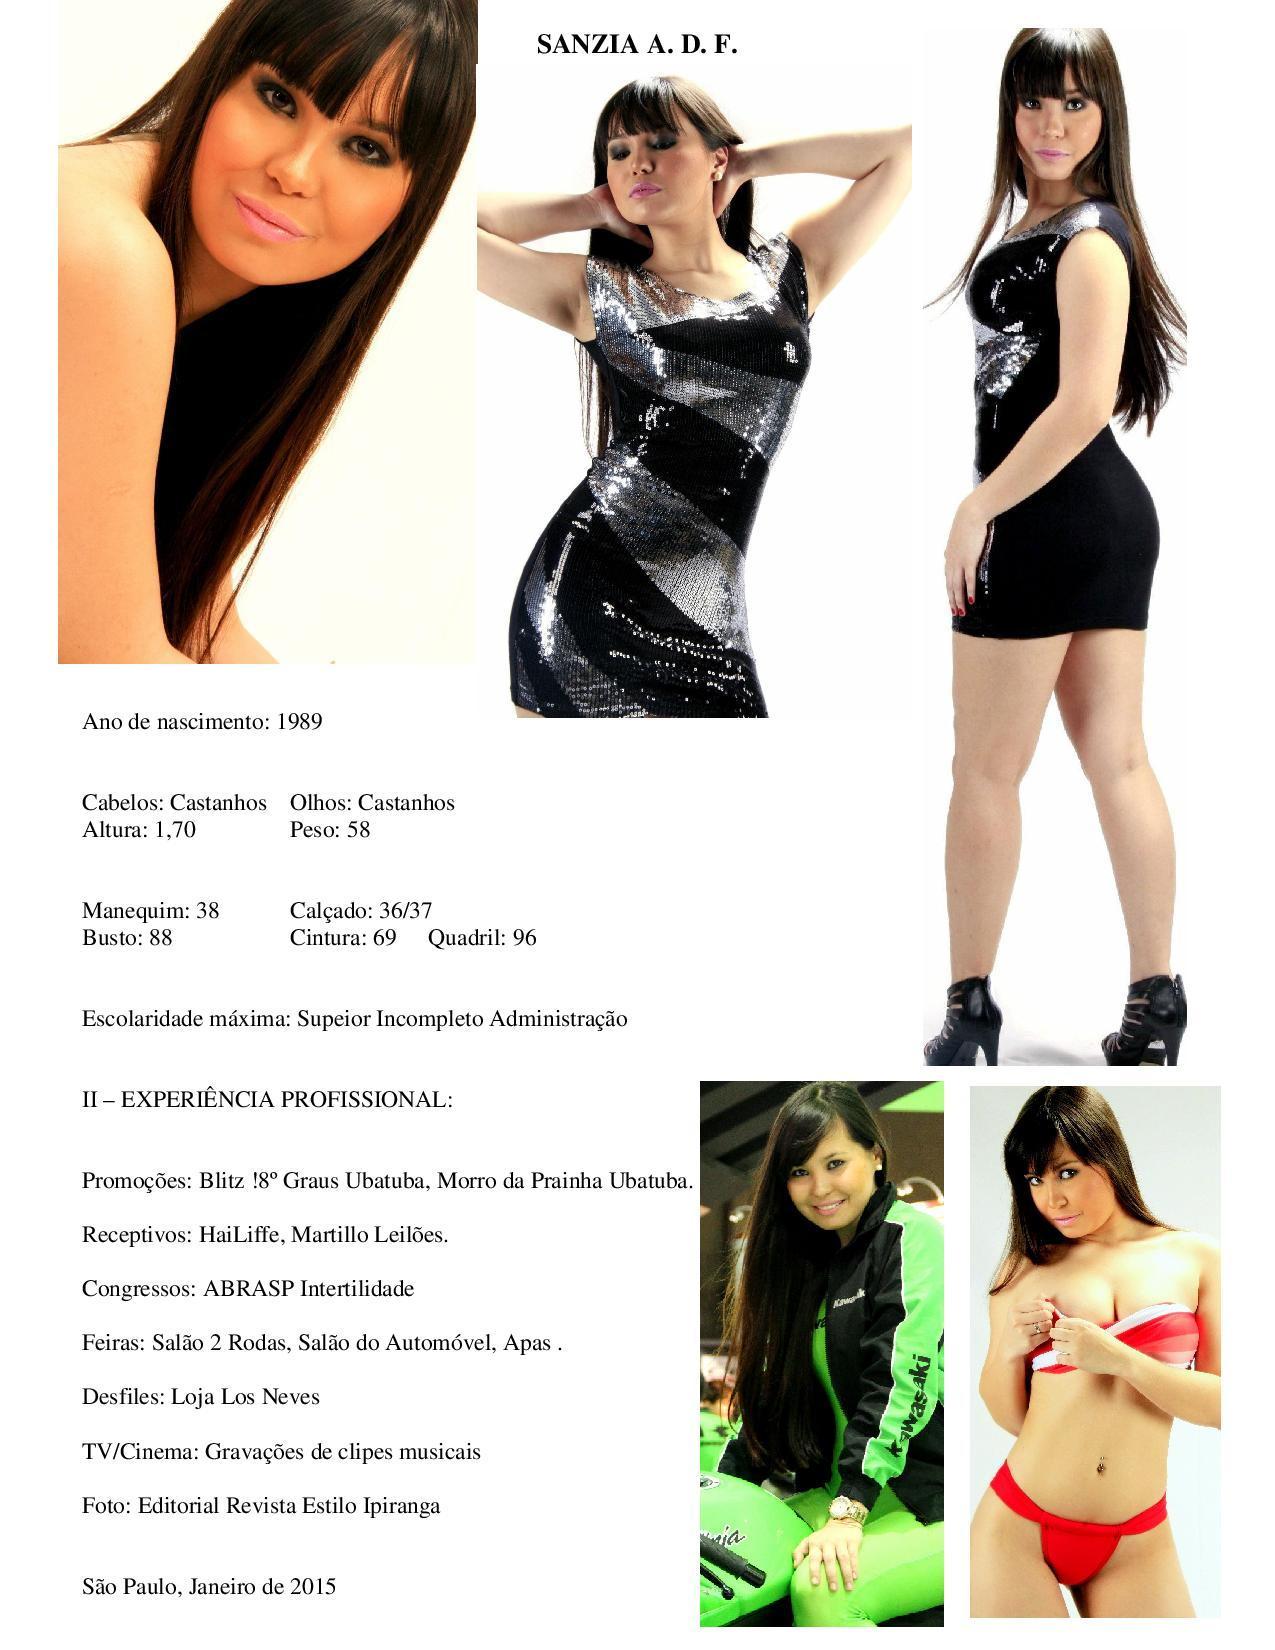 Sanzia-page-001